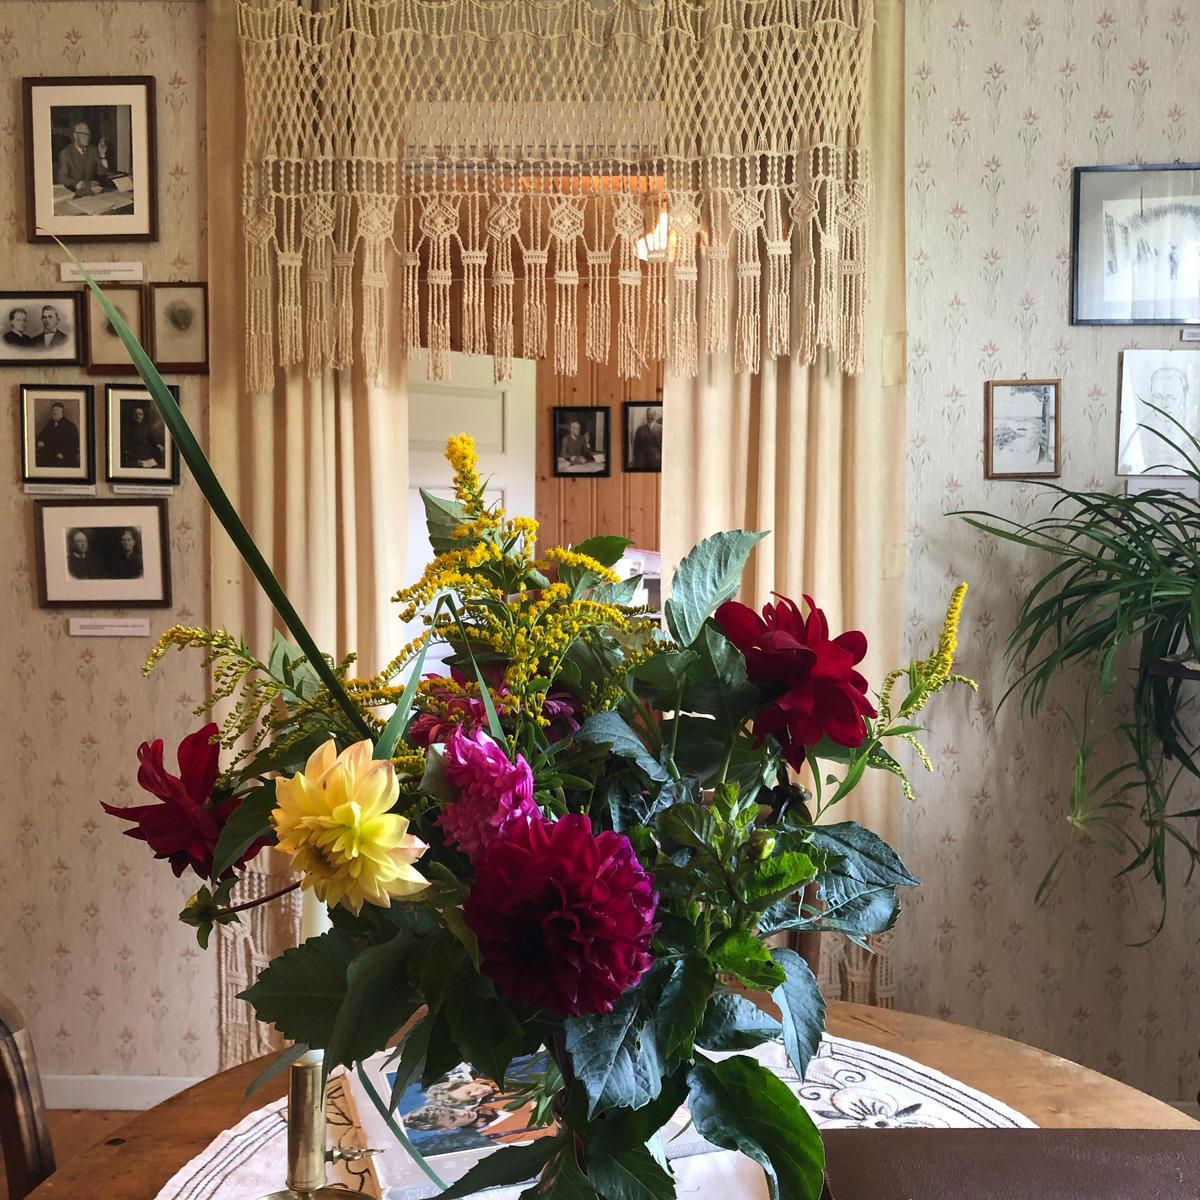 Blomster, Sigurd Hoel, Sagstua Skolemuseum